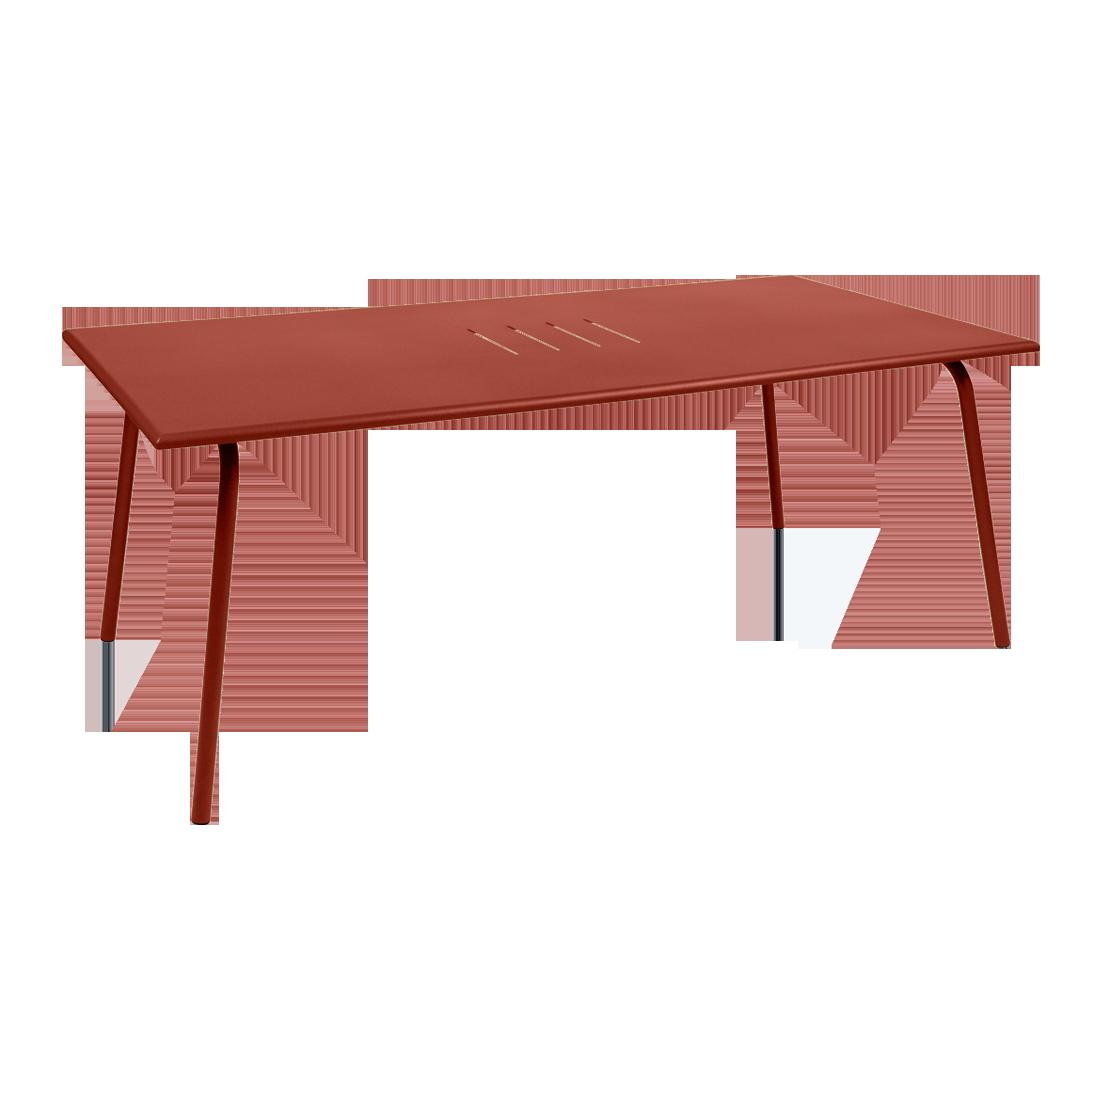 Table 194 x 94 cm monceau ocre rouge